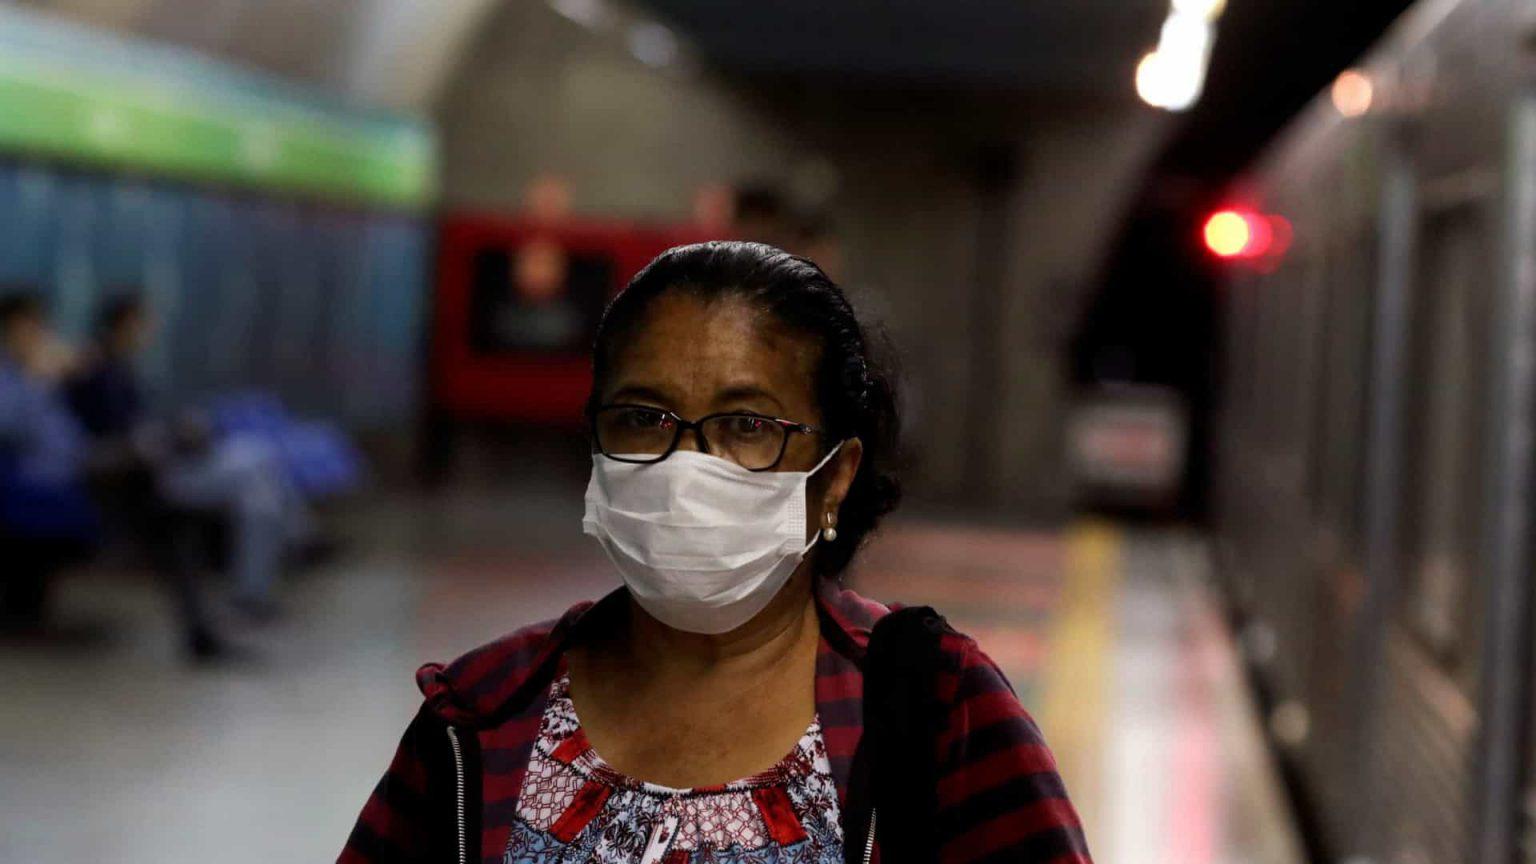 Brasil tem 359 mortes por coronavírus e 9.056 casos confirmados, diz Ministério da Saúde